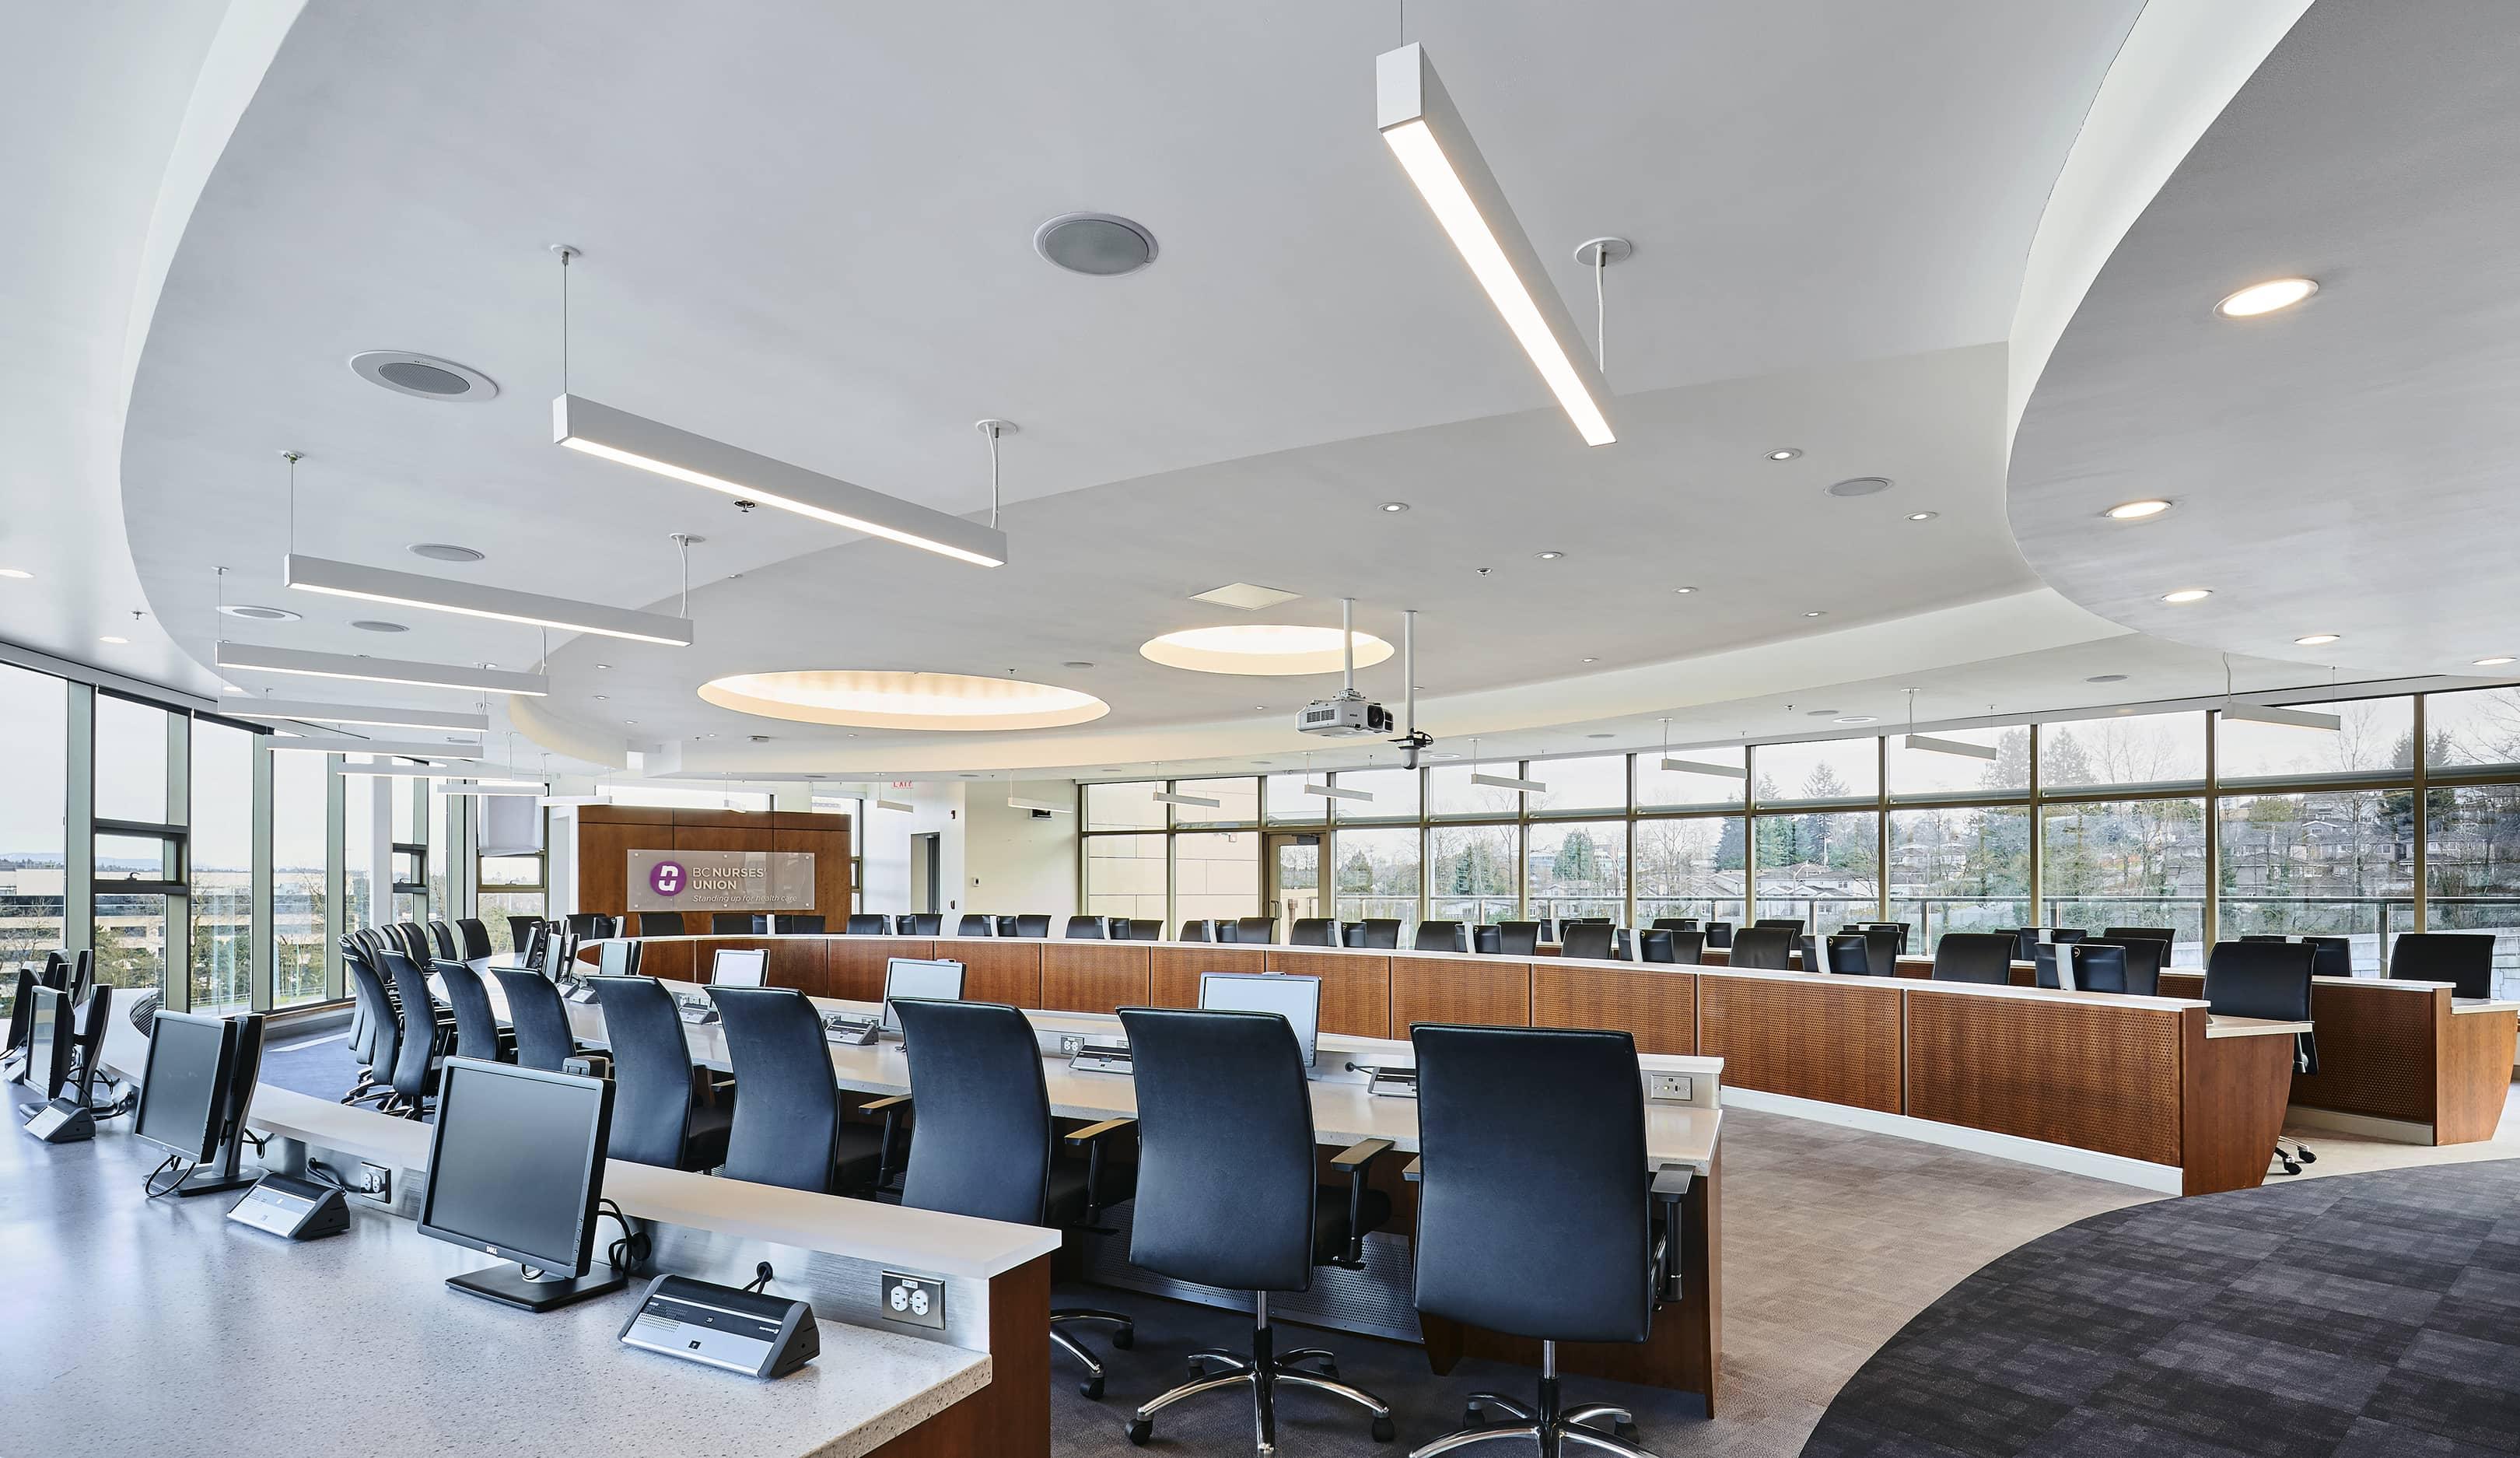 bbp bc nurses union office meeting room